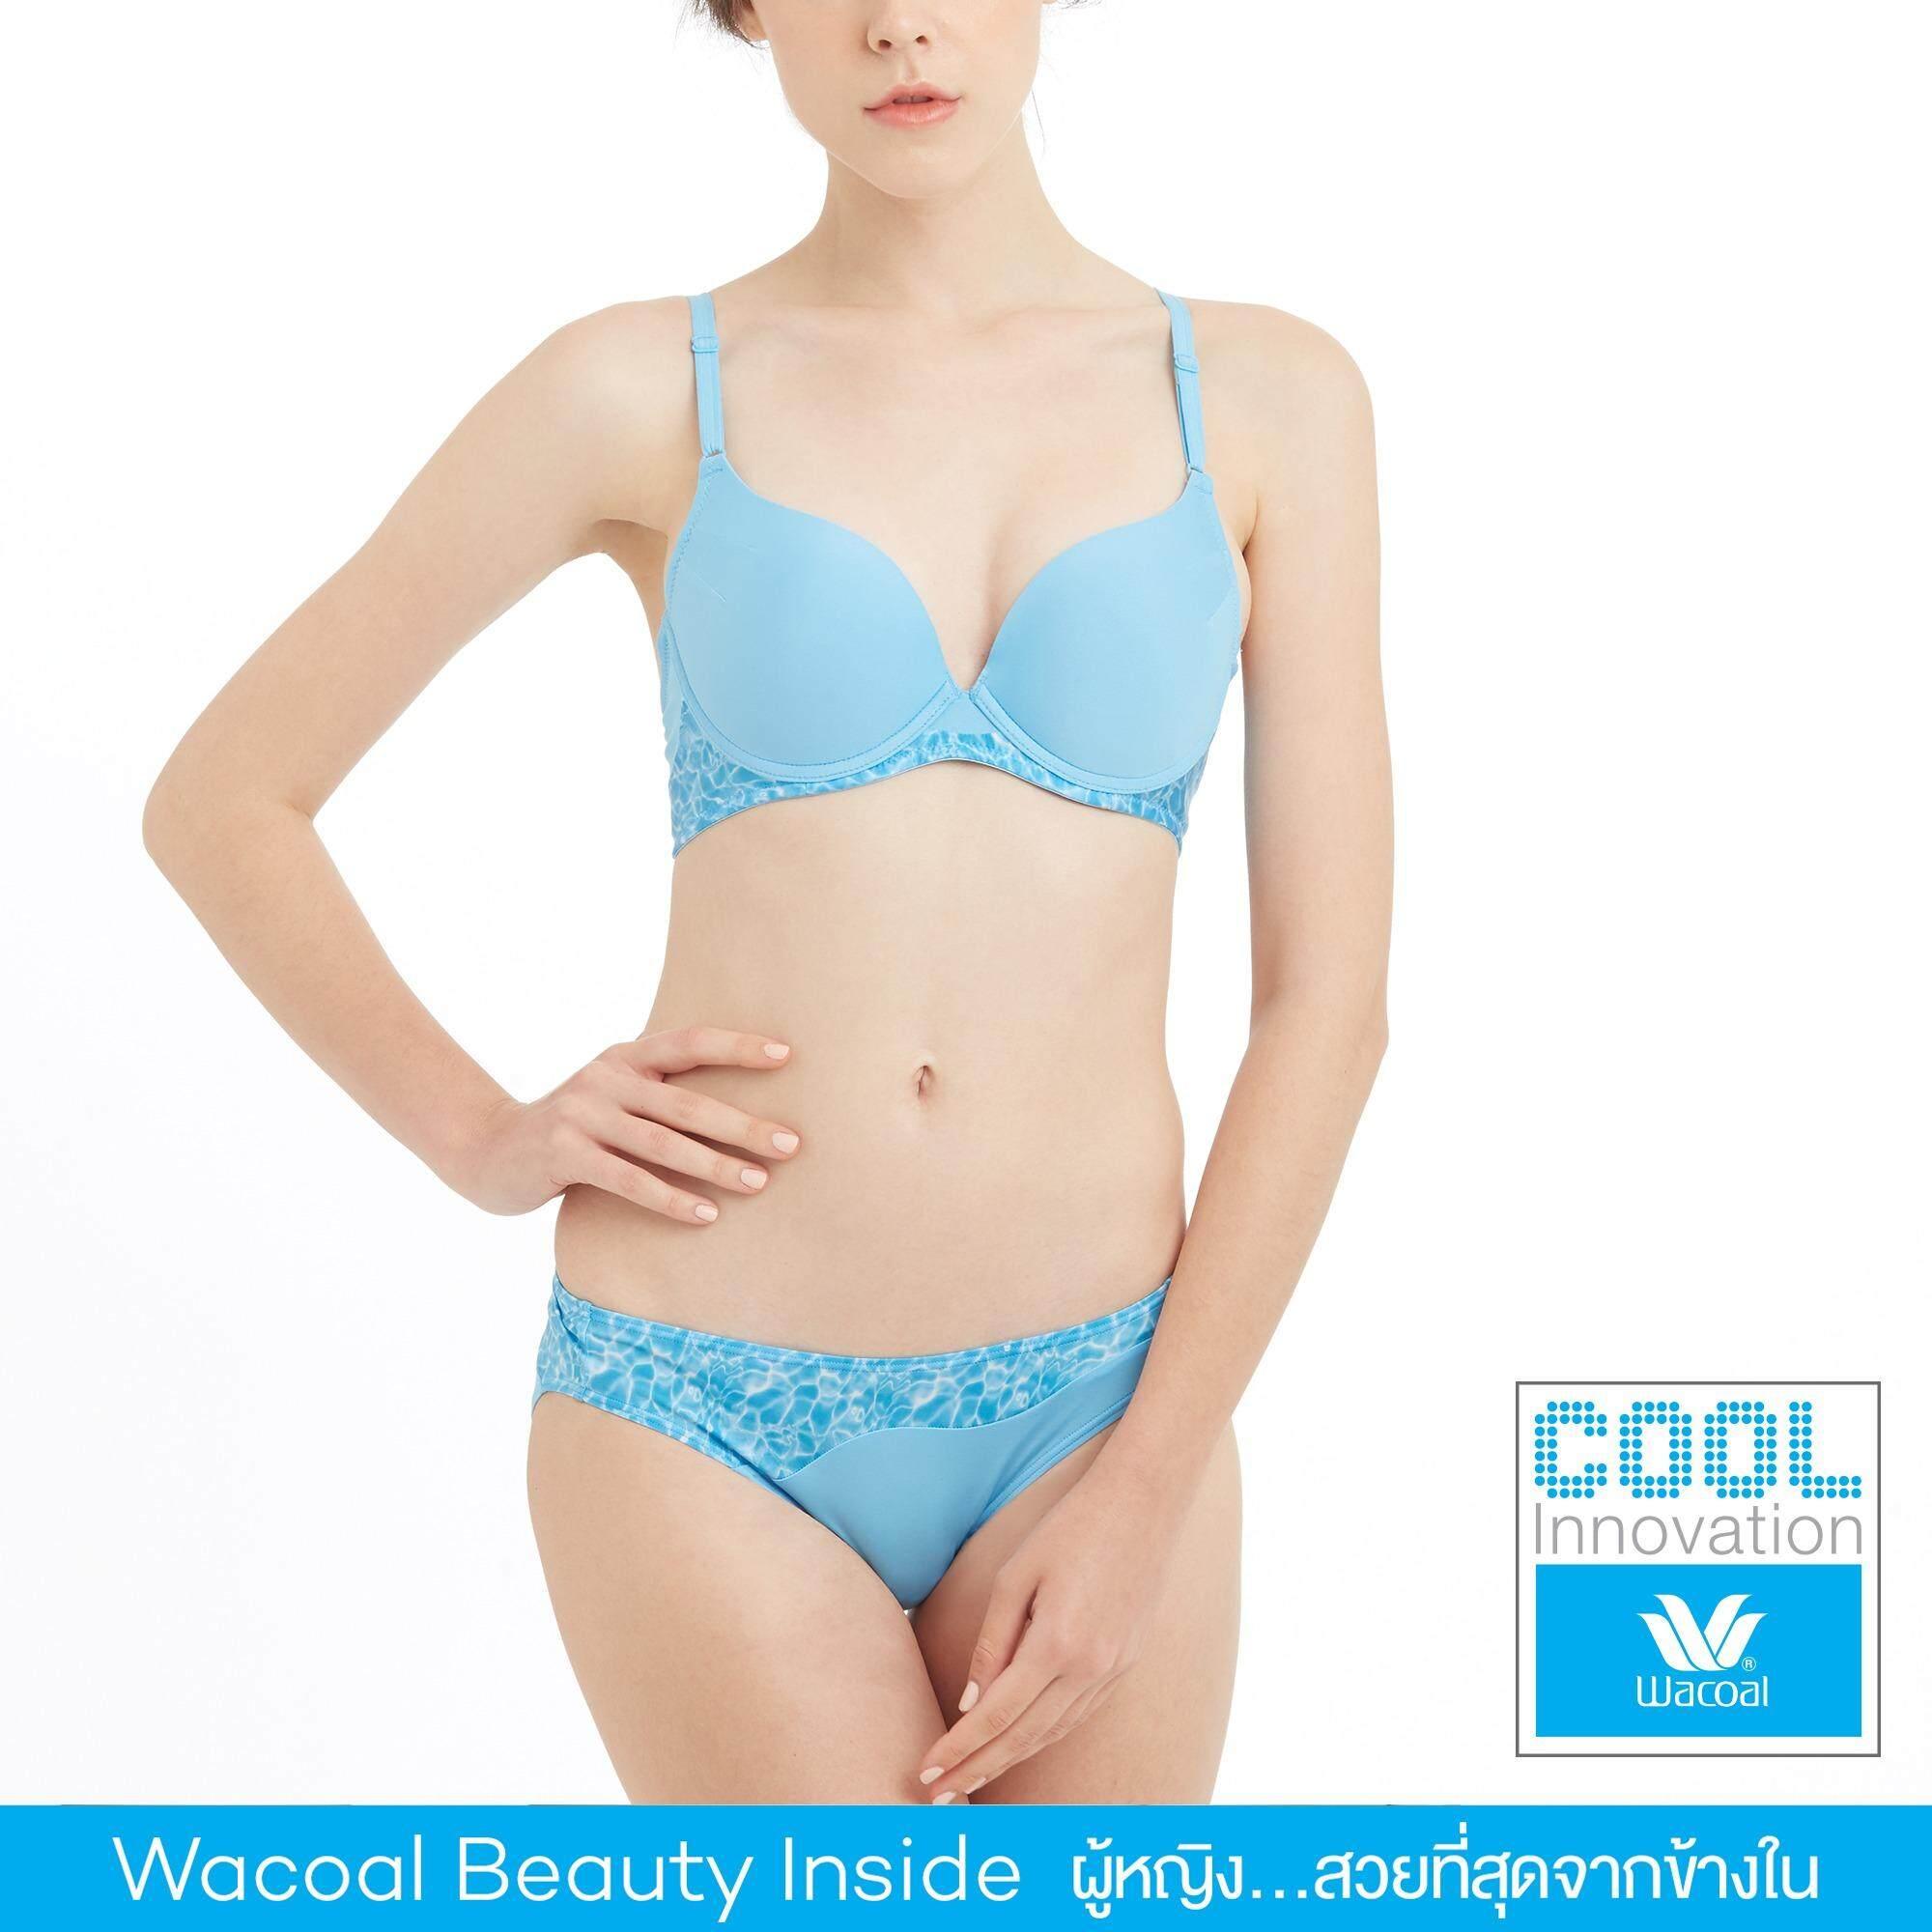 Wacoal Cool innovation เซ็ทชุดชั้นในกางเกงชั้นใน Push up Bra 3/4 Cup (สีฟ้า/SAX) - WB3K22SX-W63K22SX